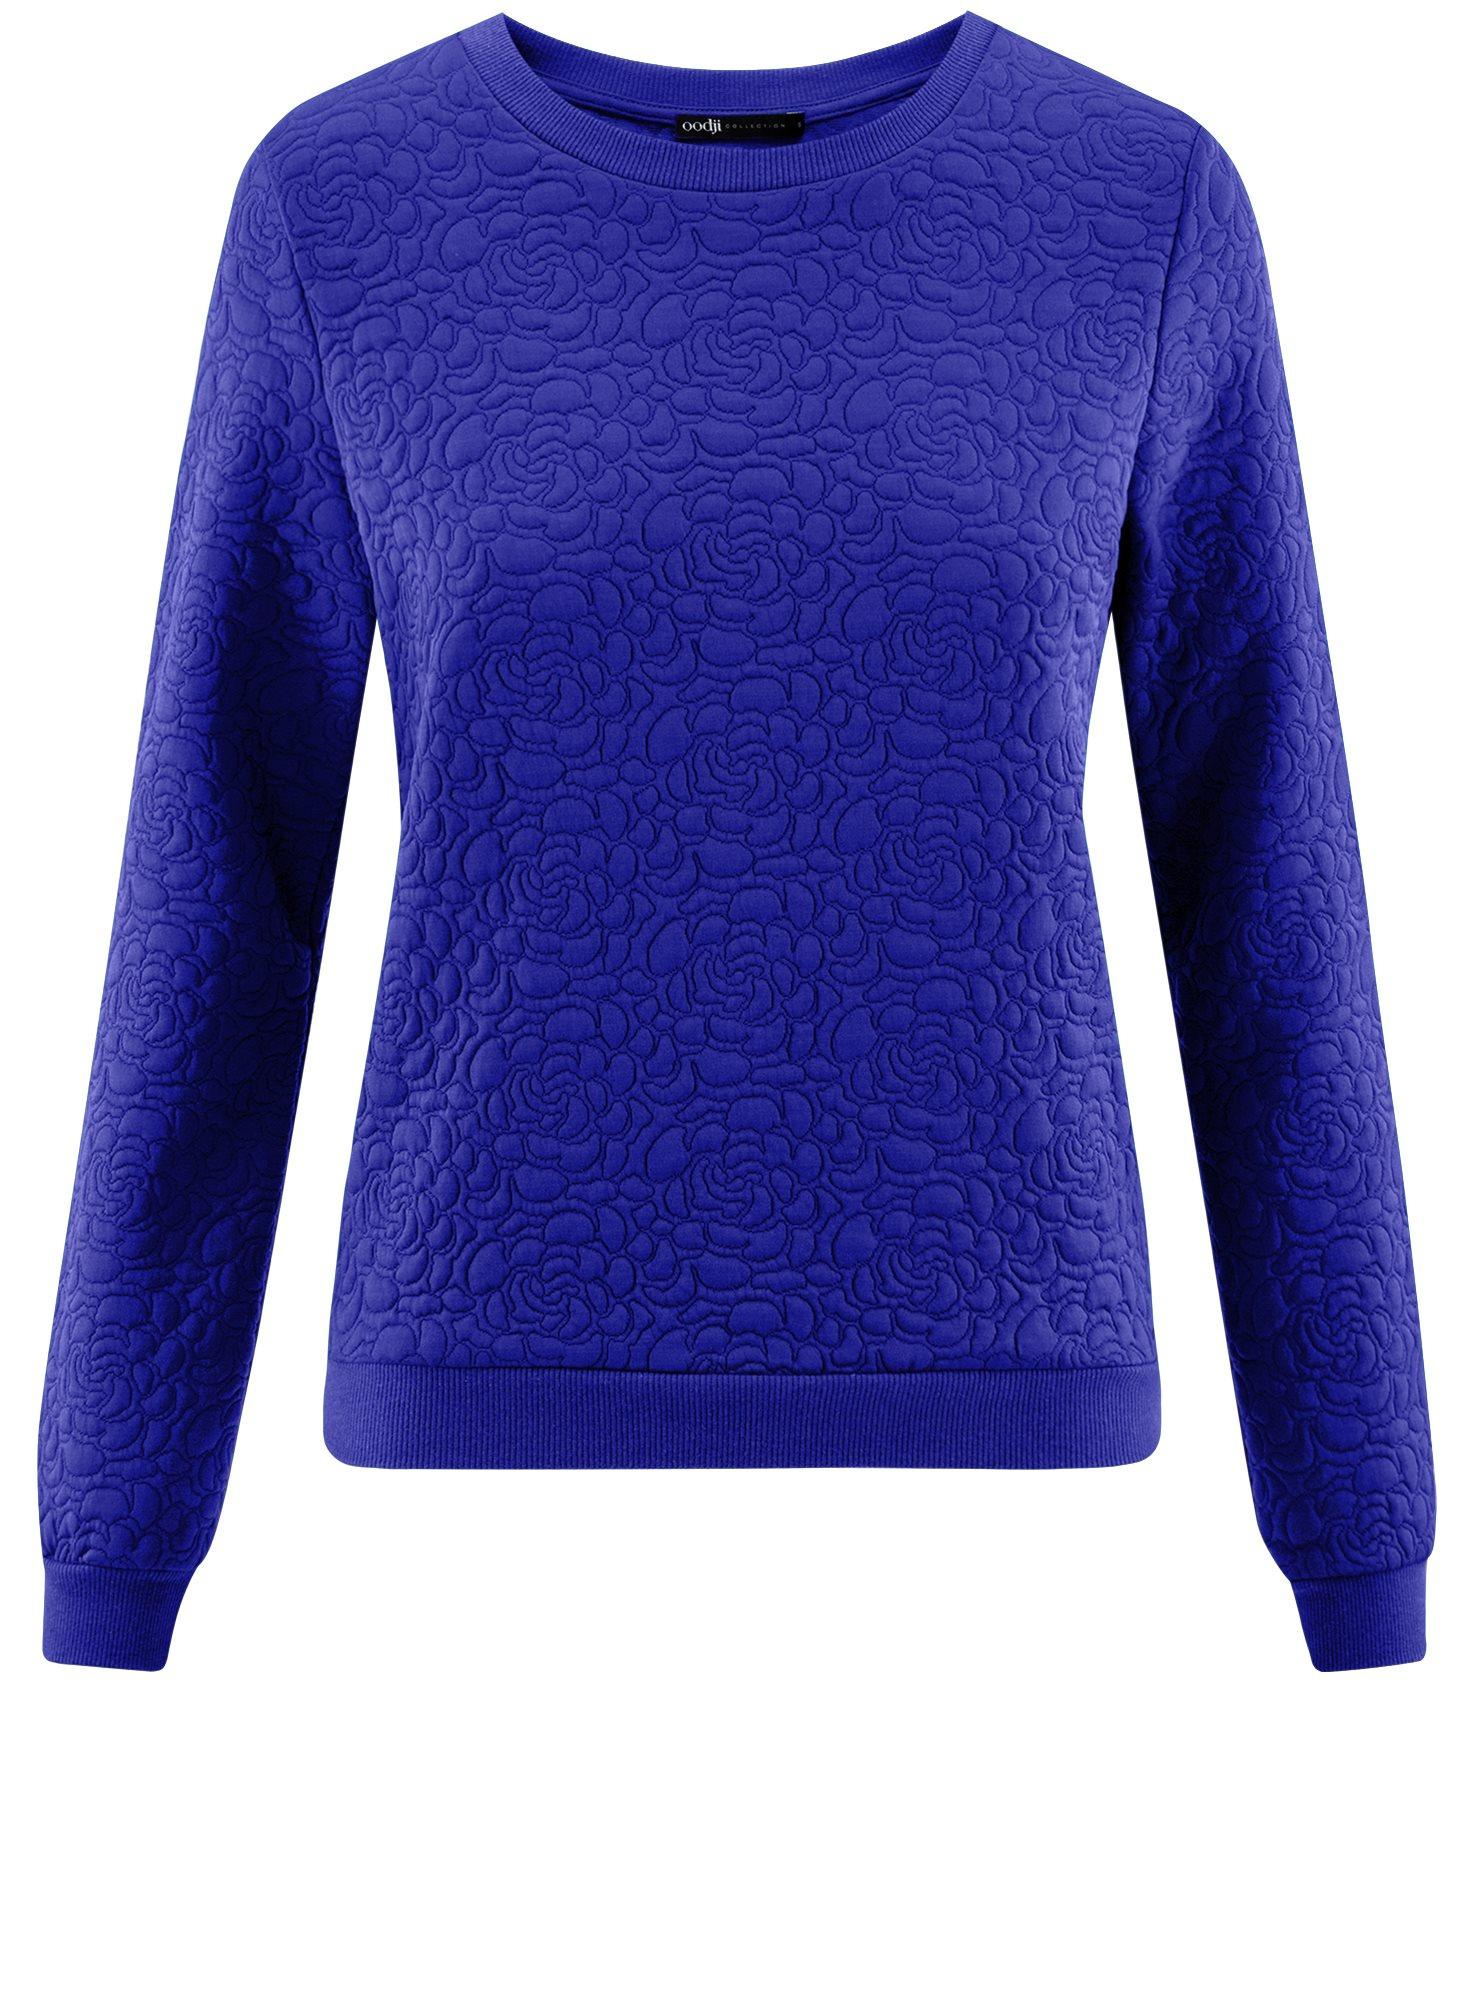 Свитшот базовый из фактурной ткани oodji для женщины (синий), 24801010-4/42316/7500N